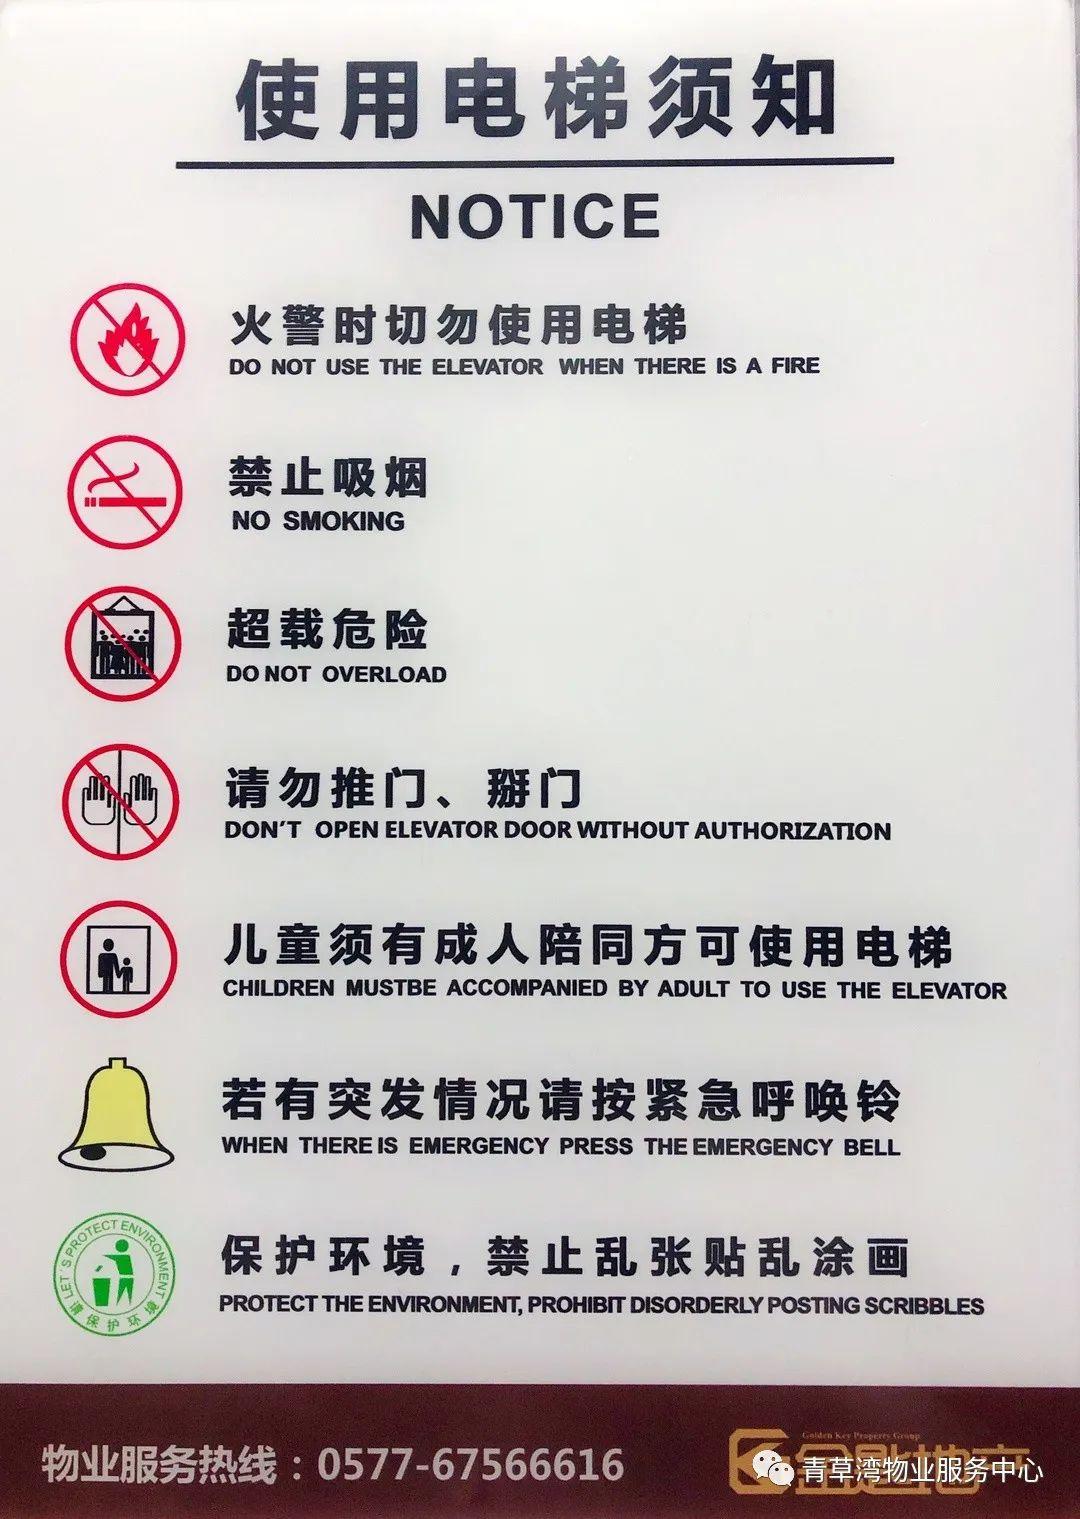 电梯安全使用常识